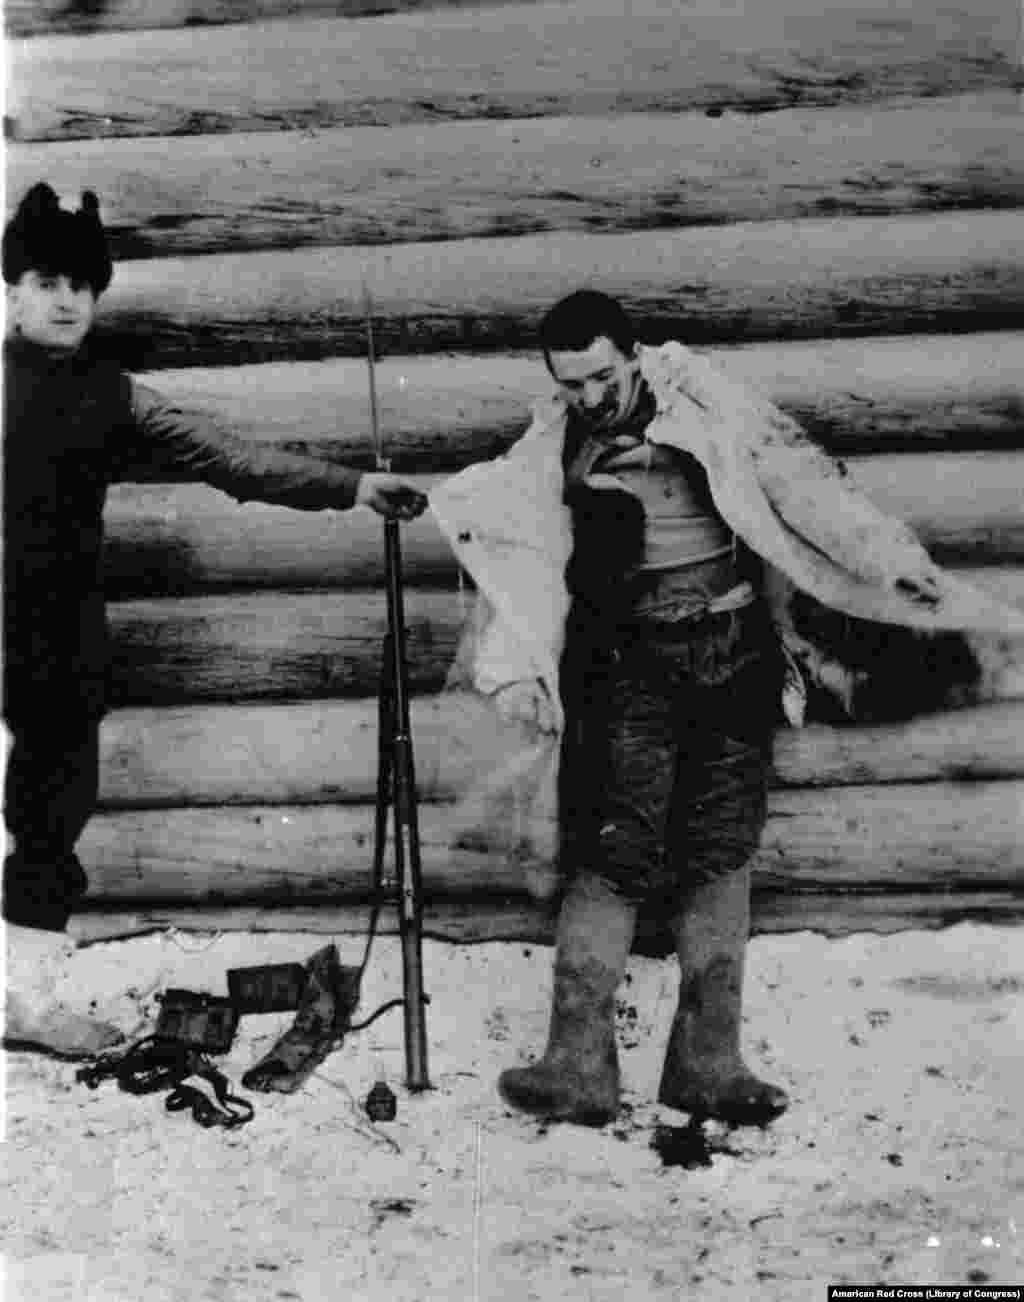 Американский военнослужащий и раненый большевик в Архангельске (фотография из архивов армии США)